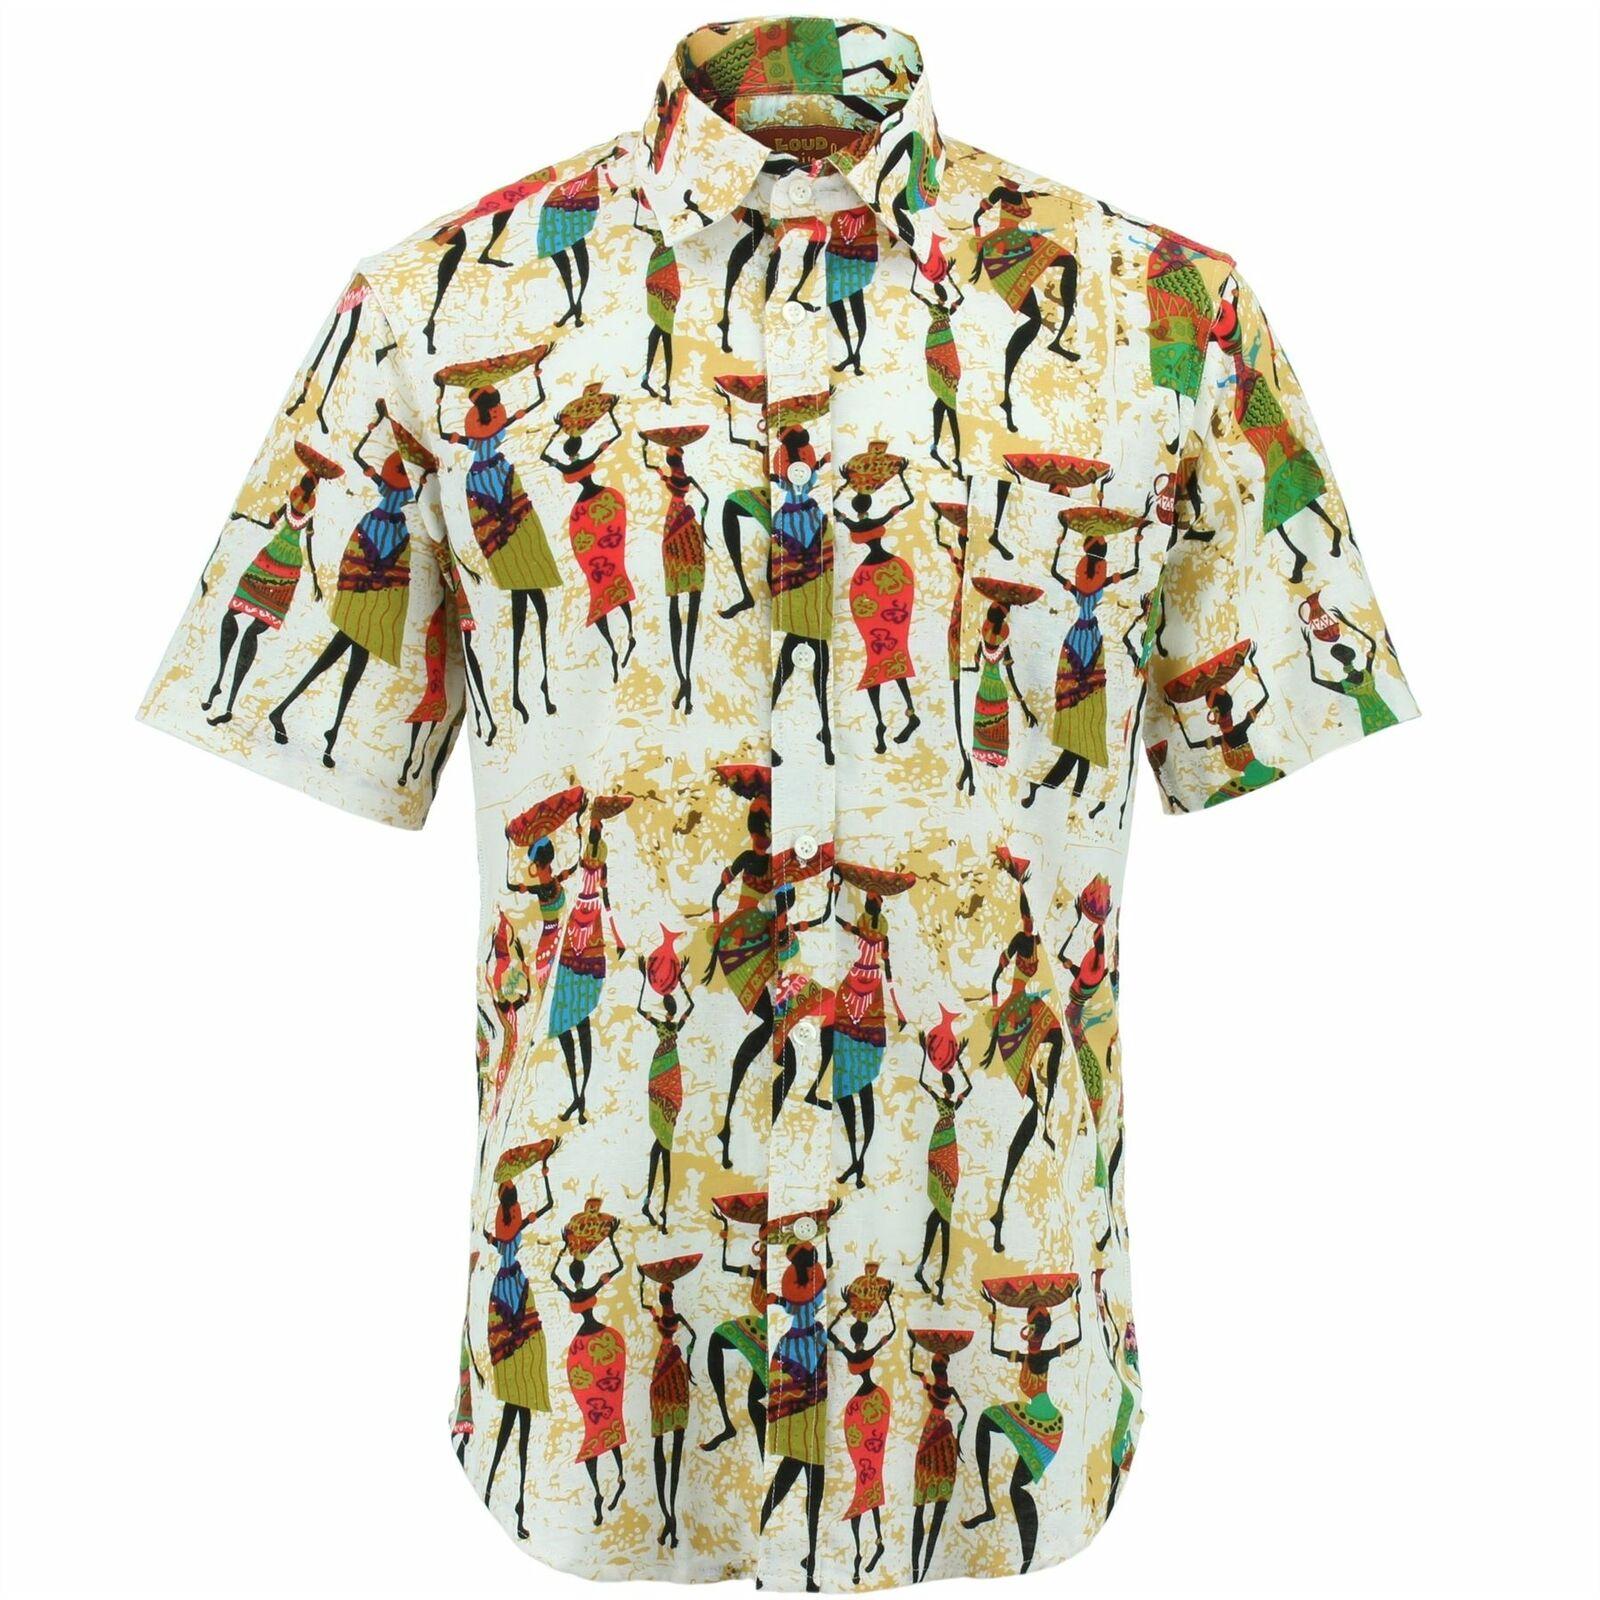 Camicia da uomo forte ORIGINALI REGULAR FIT che trasportano Retrò Fantasia Psichedelica